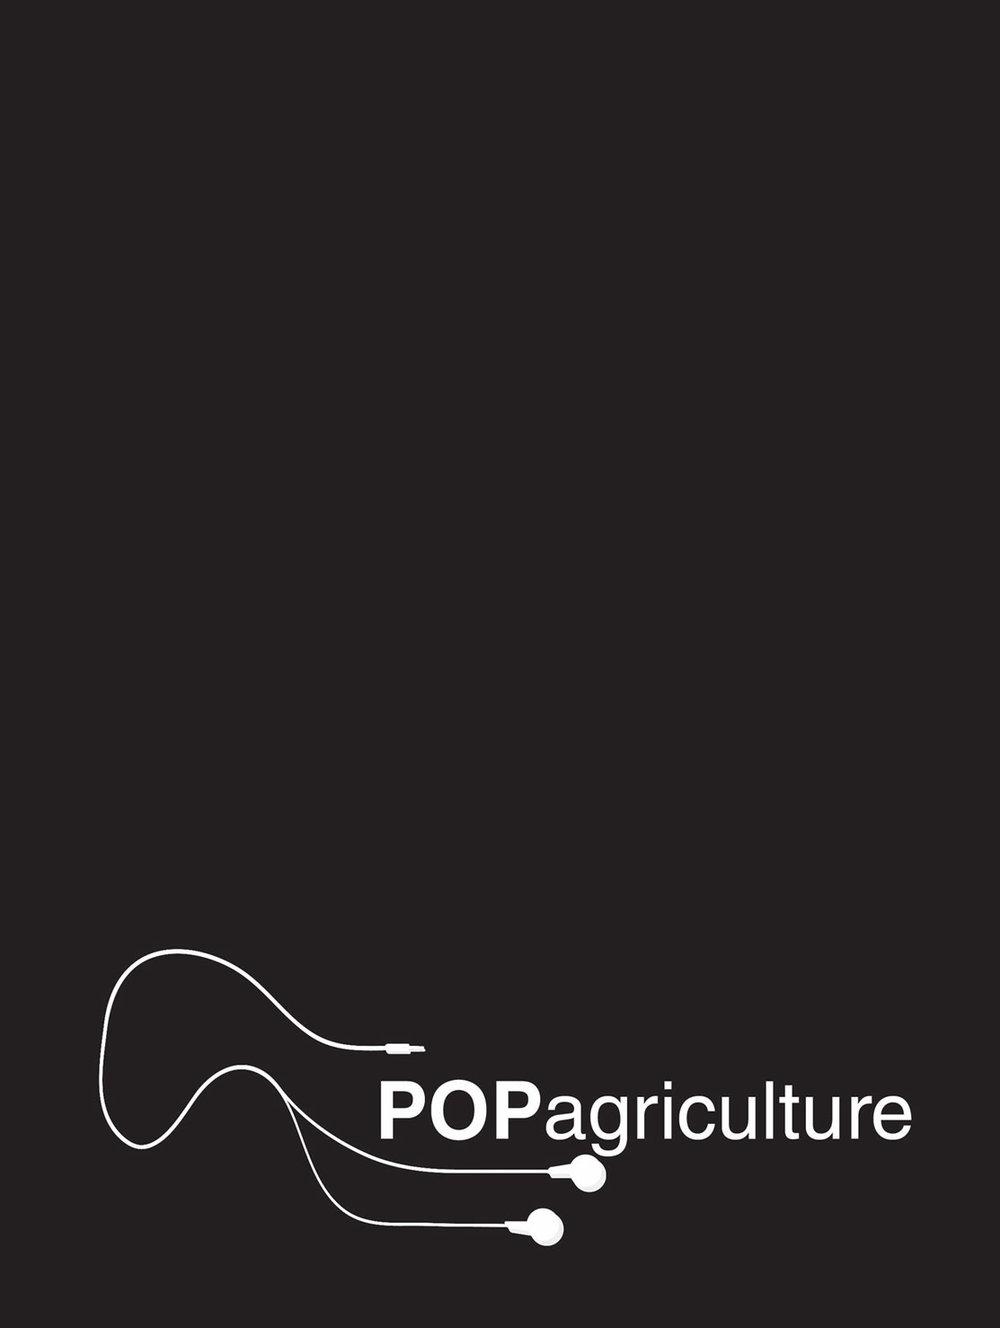 logo-right.jpg